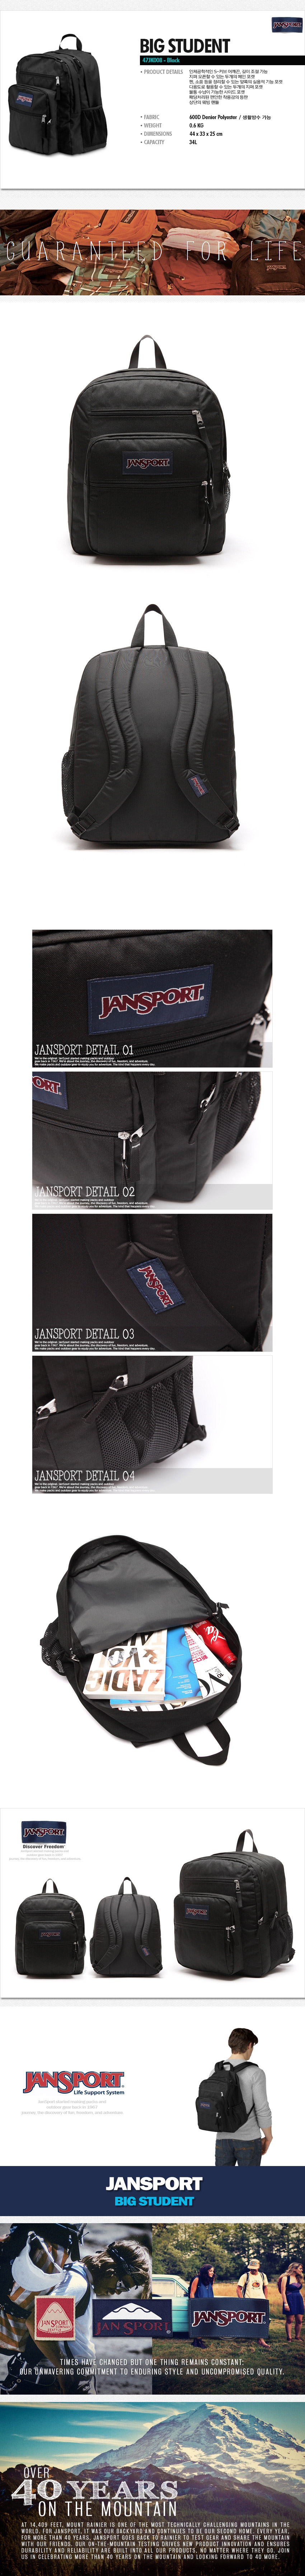 [잔스포츠]JANSPORT - 빅스튜던트 (TDN7008 - Black) 잔스포츠코리아 정품 AS가능